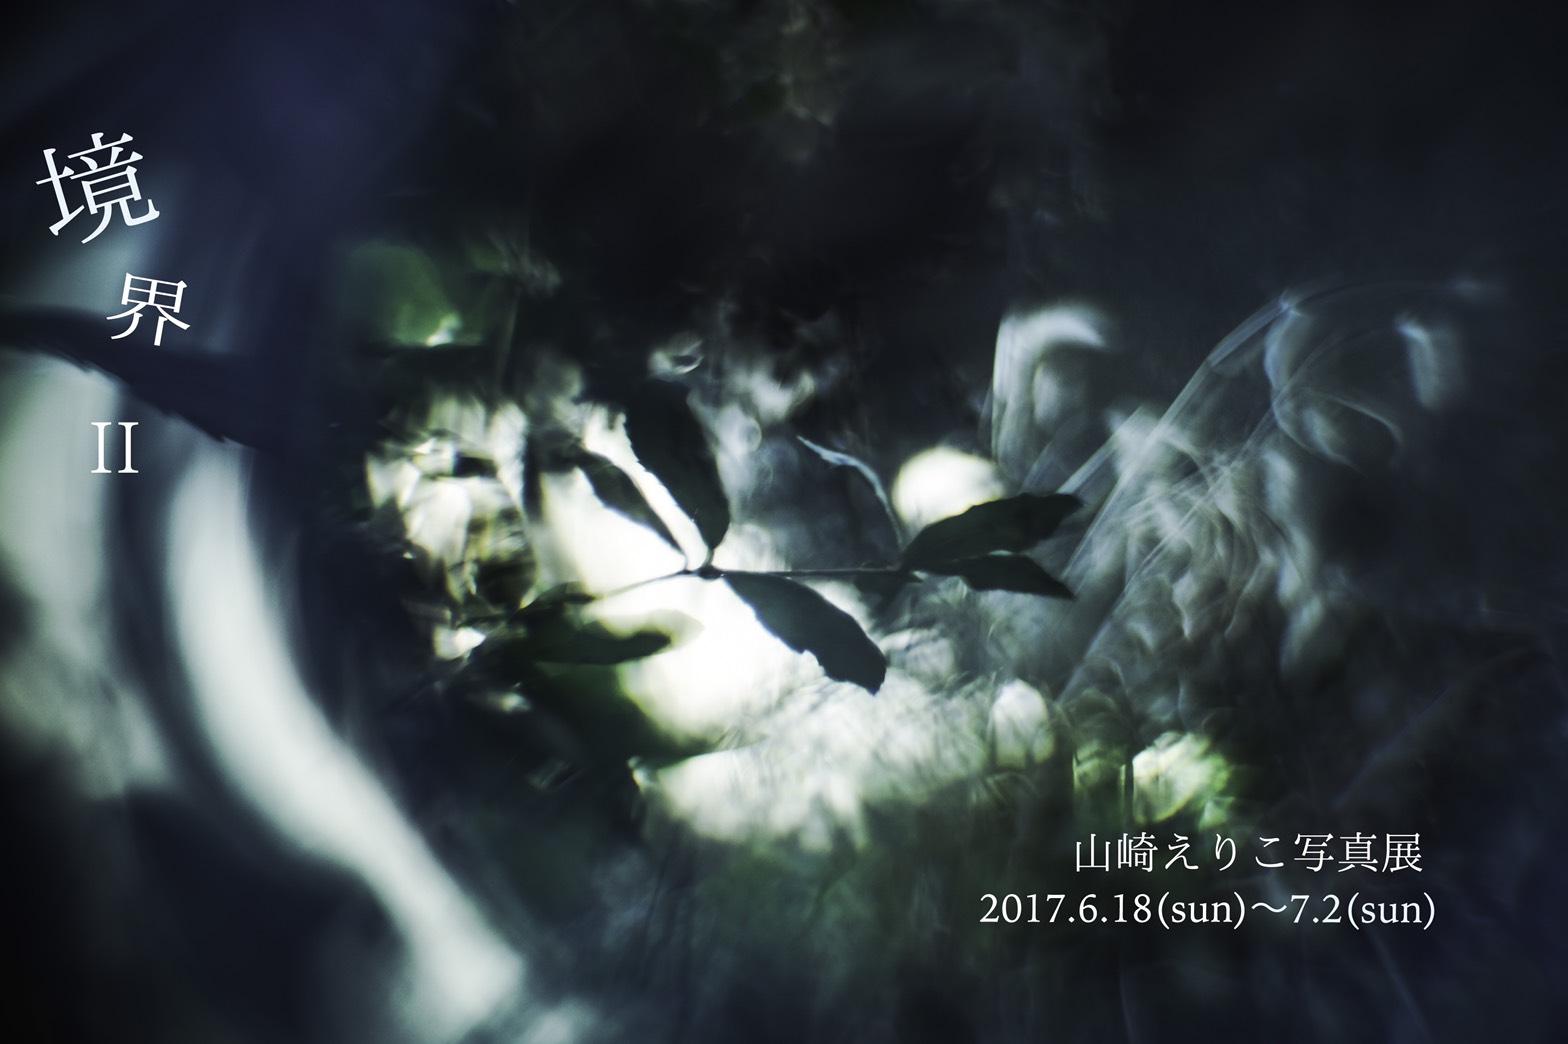 山崎えりこ写真展「境界II」